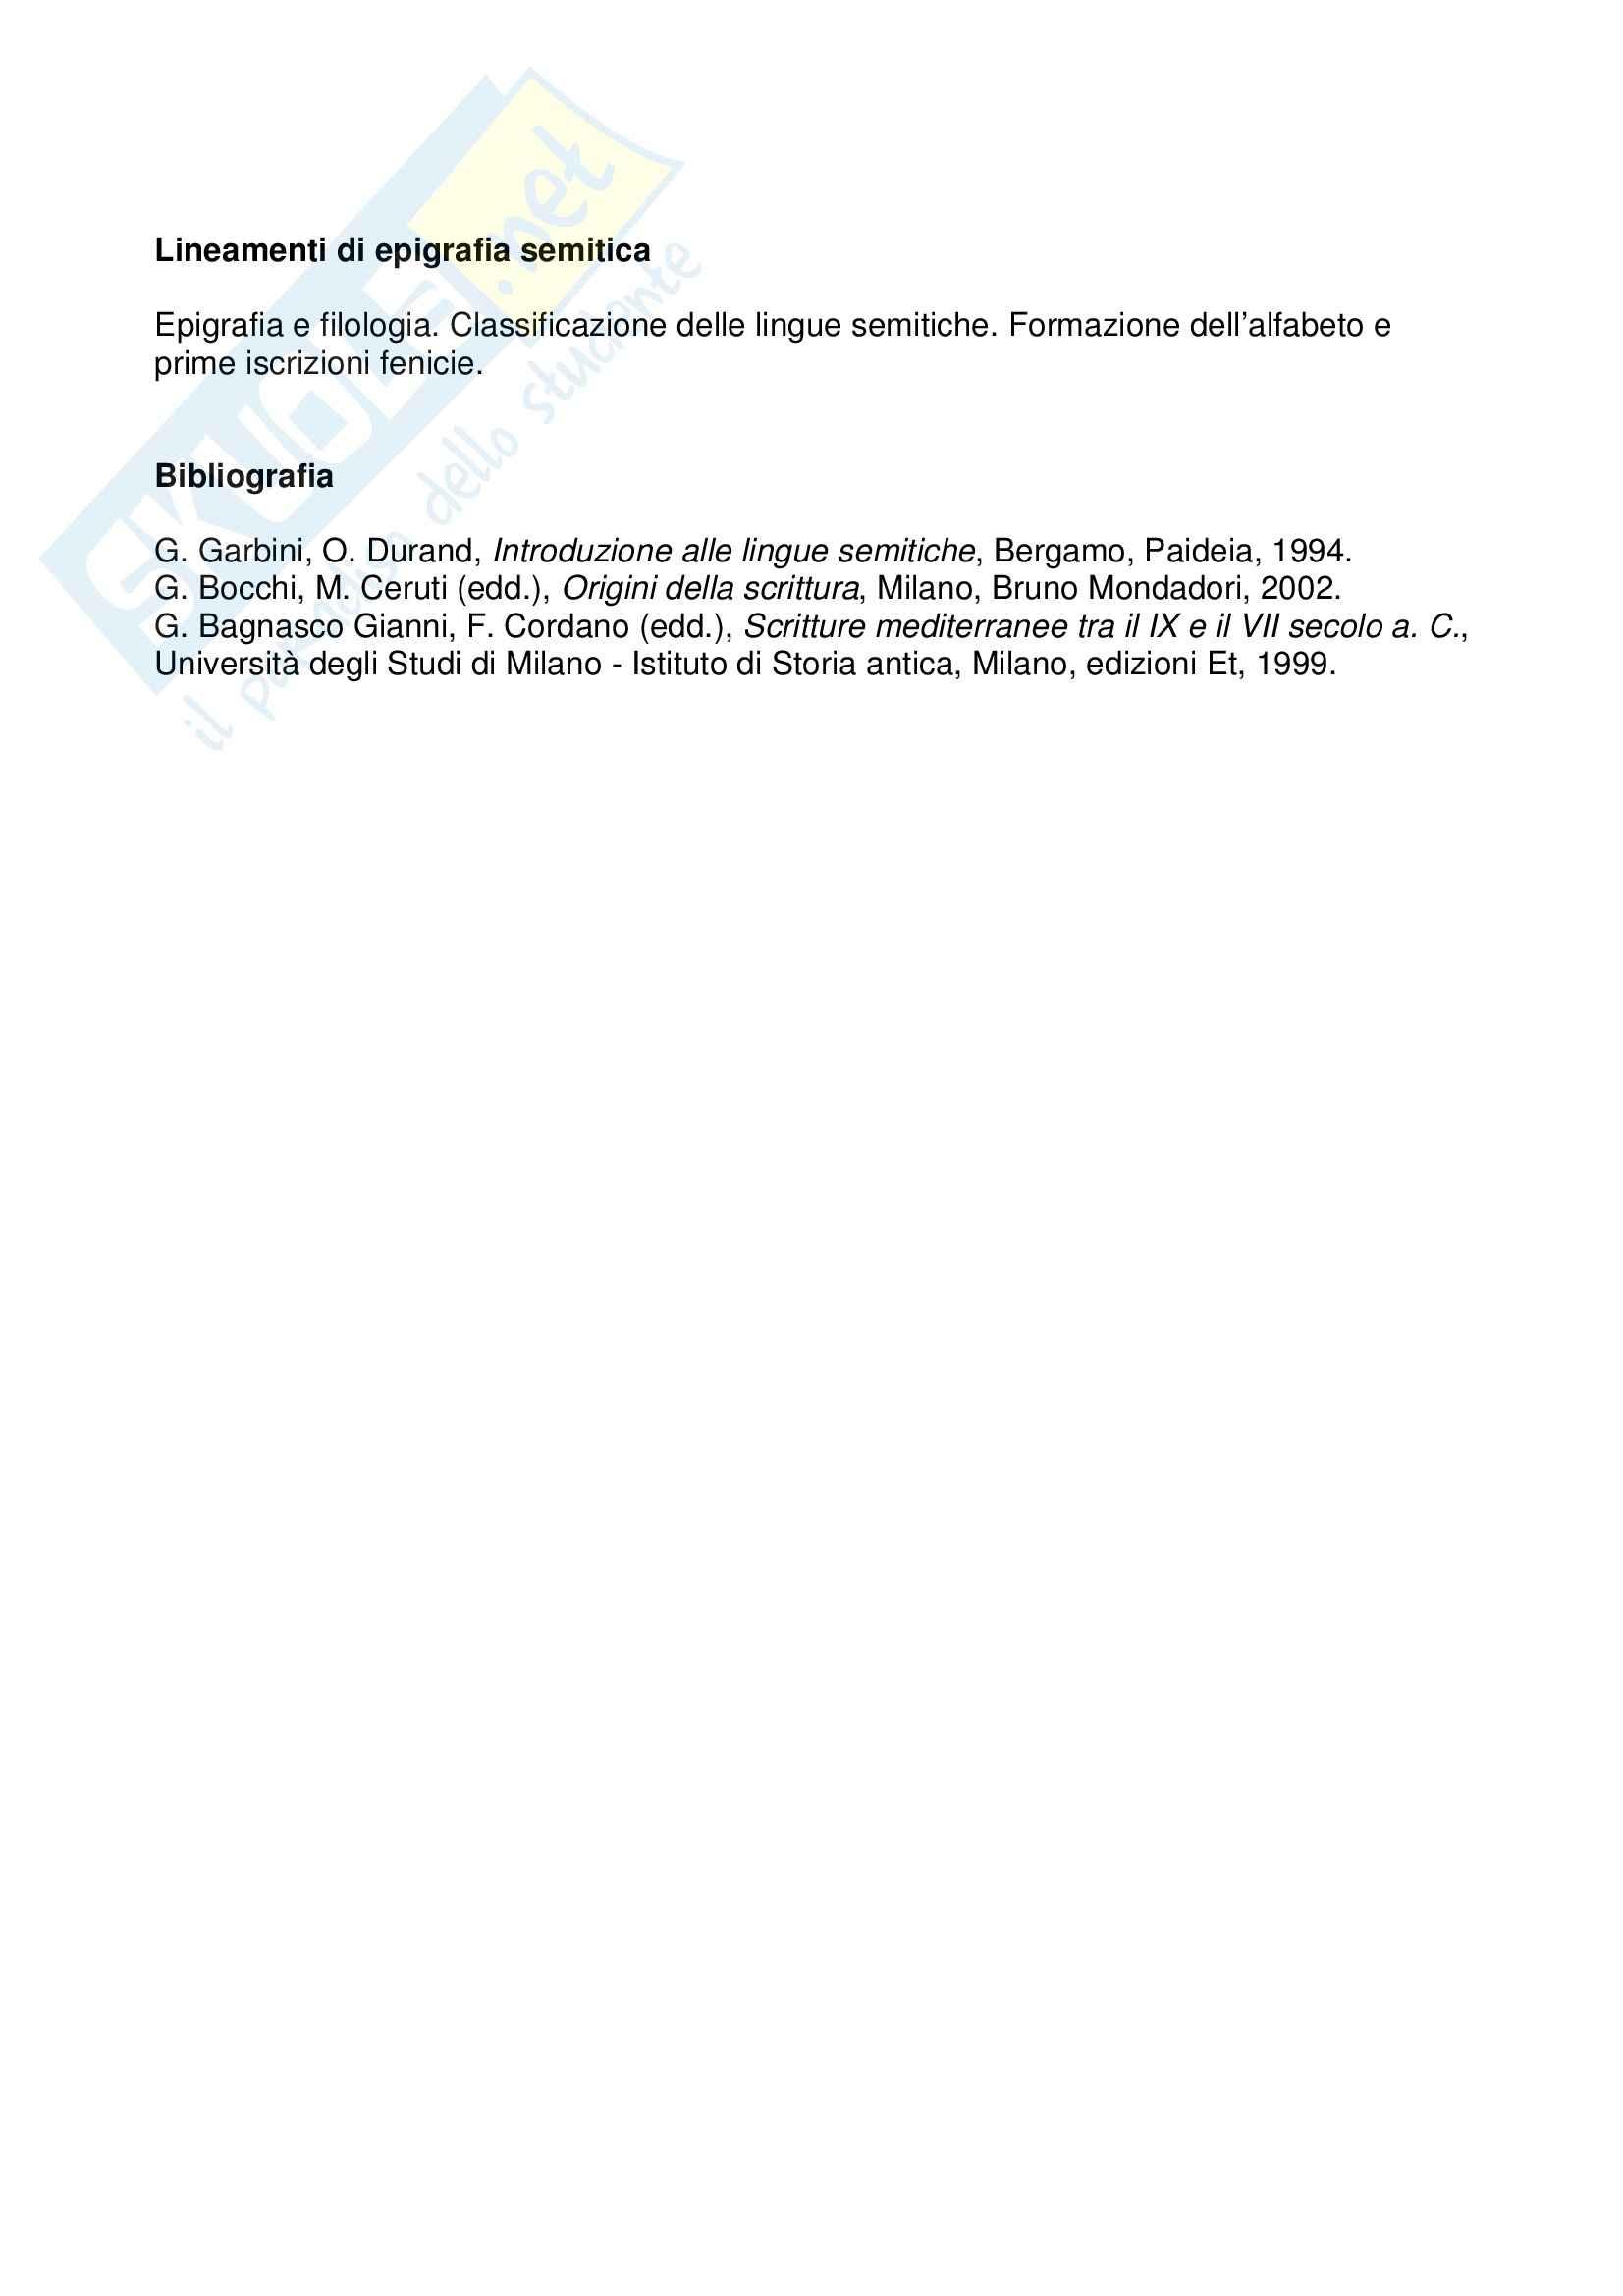 Lineamenti di epigrafia semitica